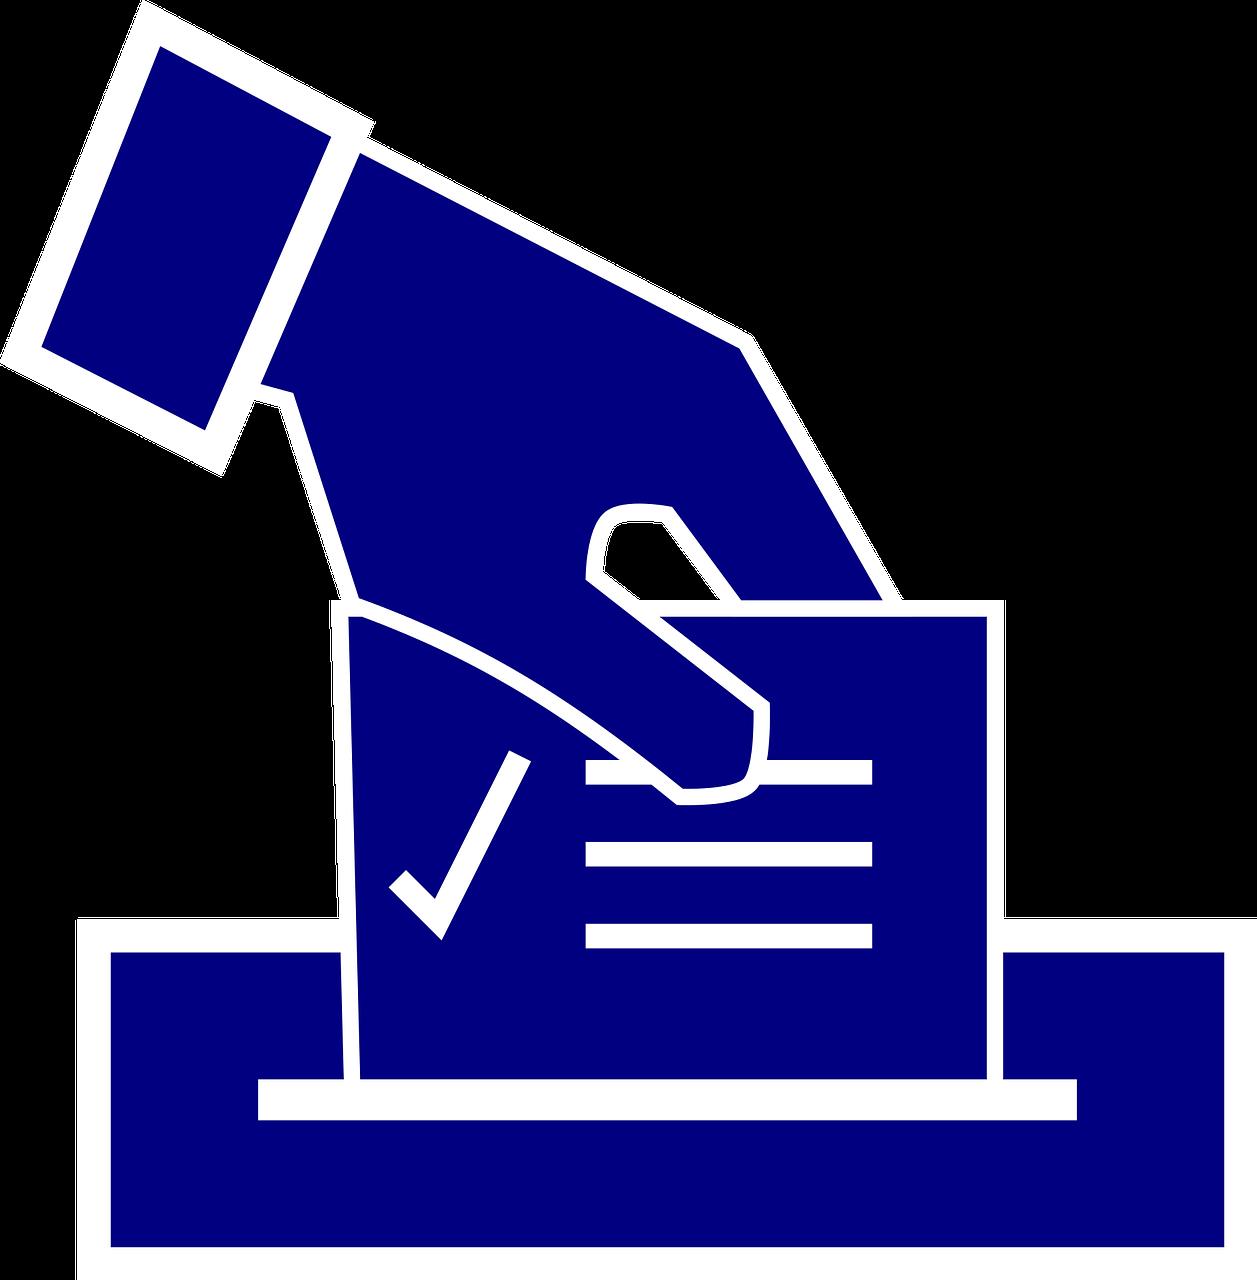 בחירות החוזרות לראשות עיריית רעננה